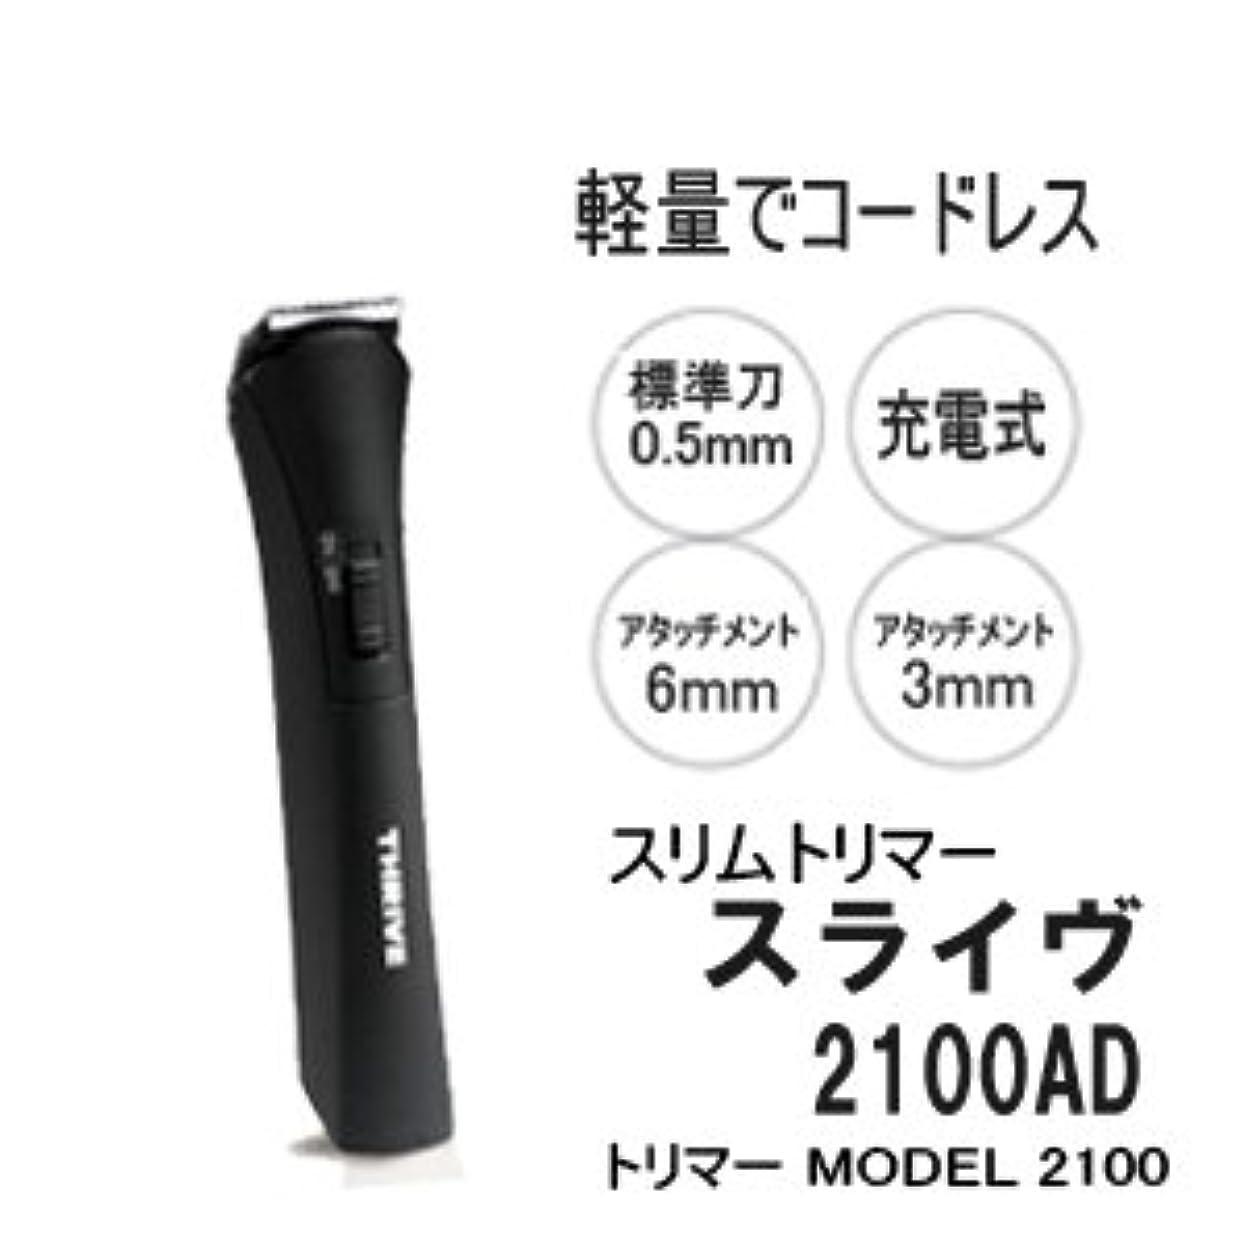 サイズサイズホームレススライヴ Model #2100 トリマー